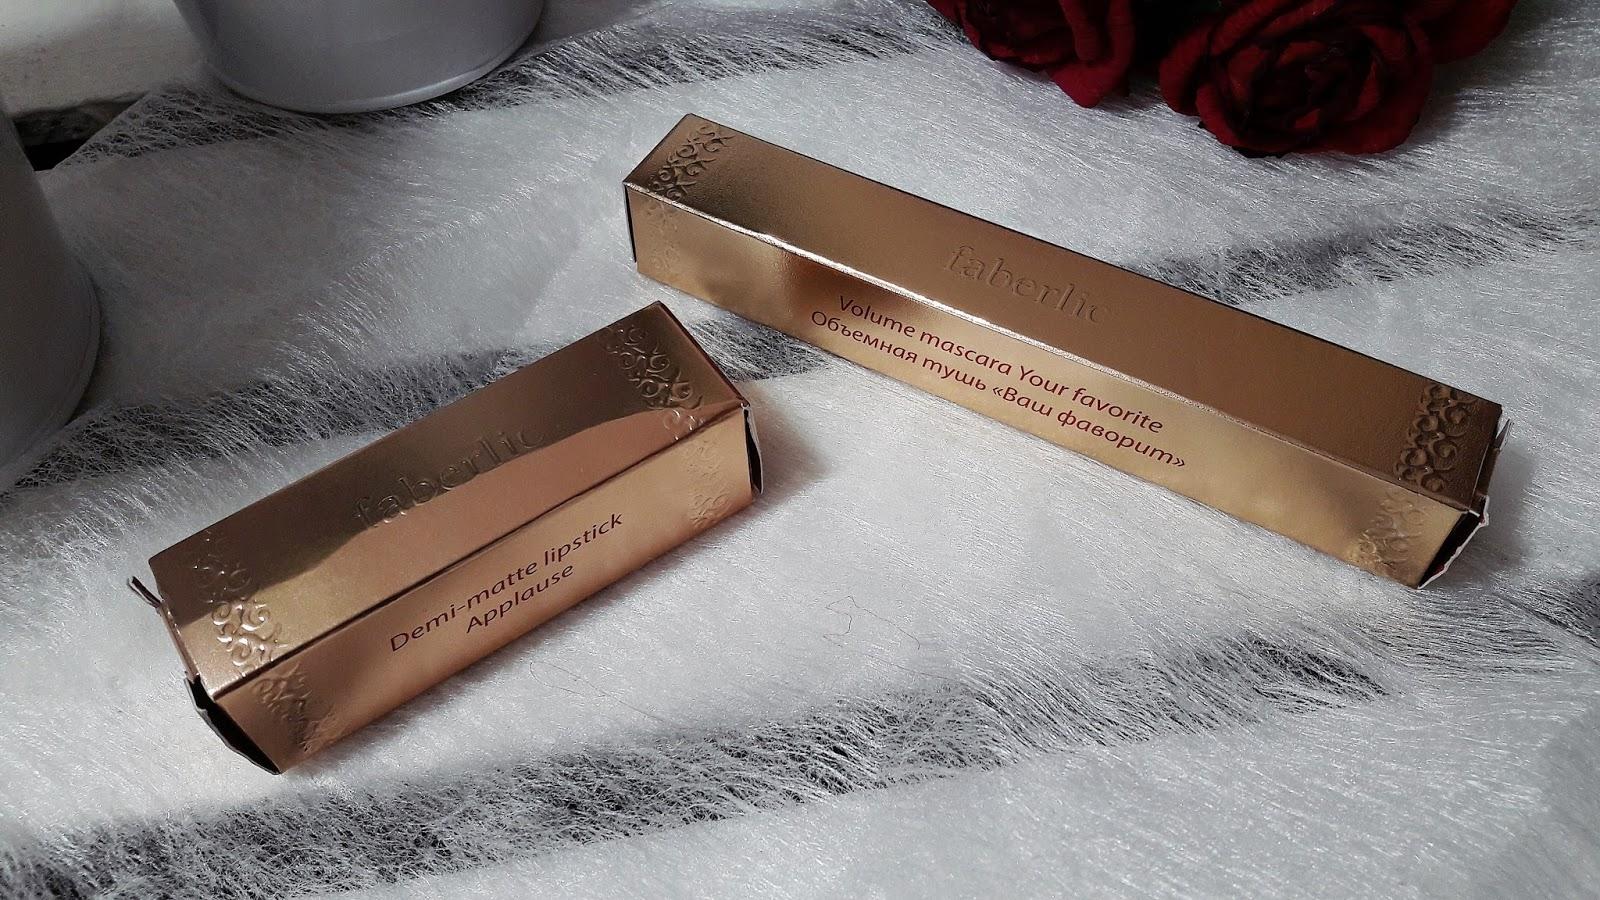 Kosmetyki od Faberlic